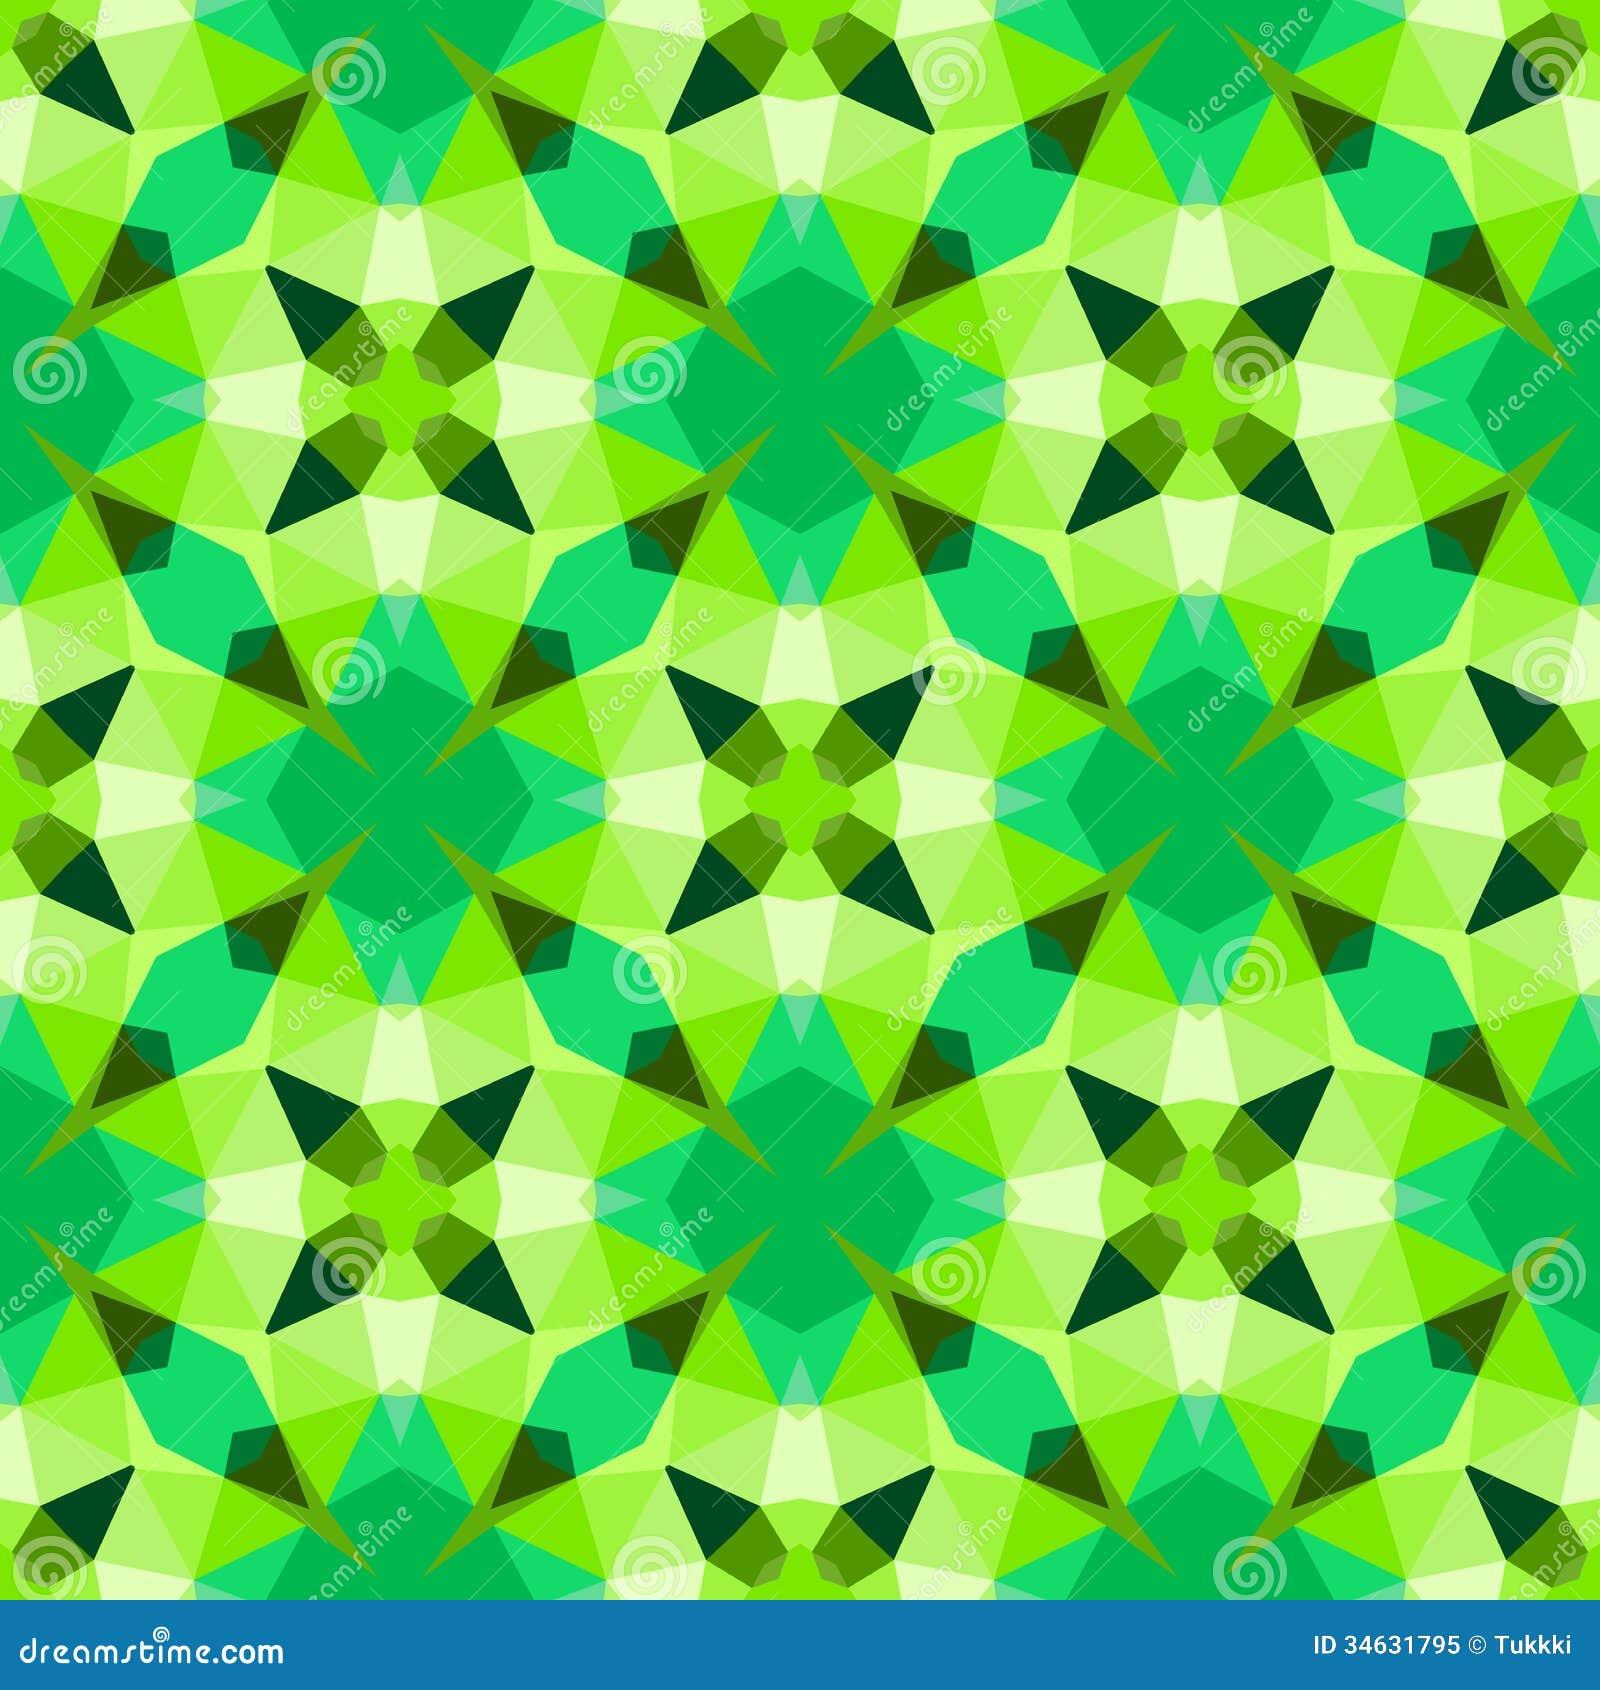 Web print wallpaper home decor textile christmas gift image34631795